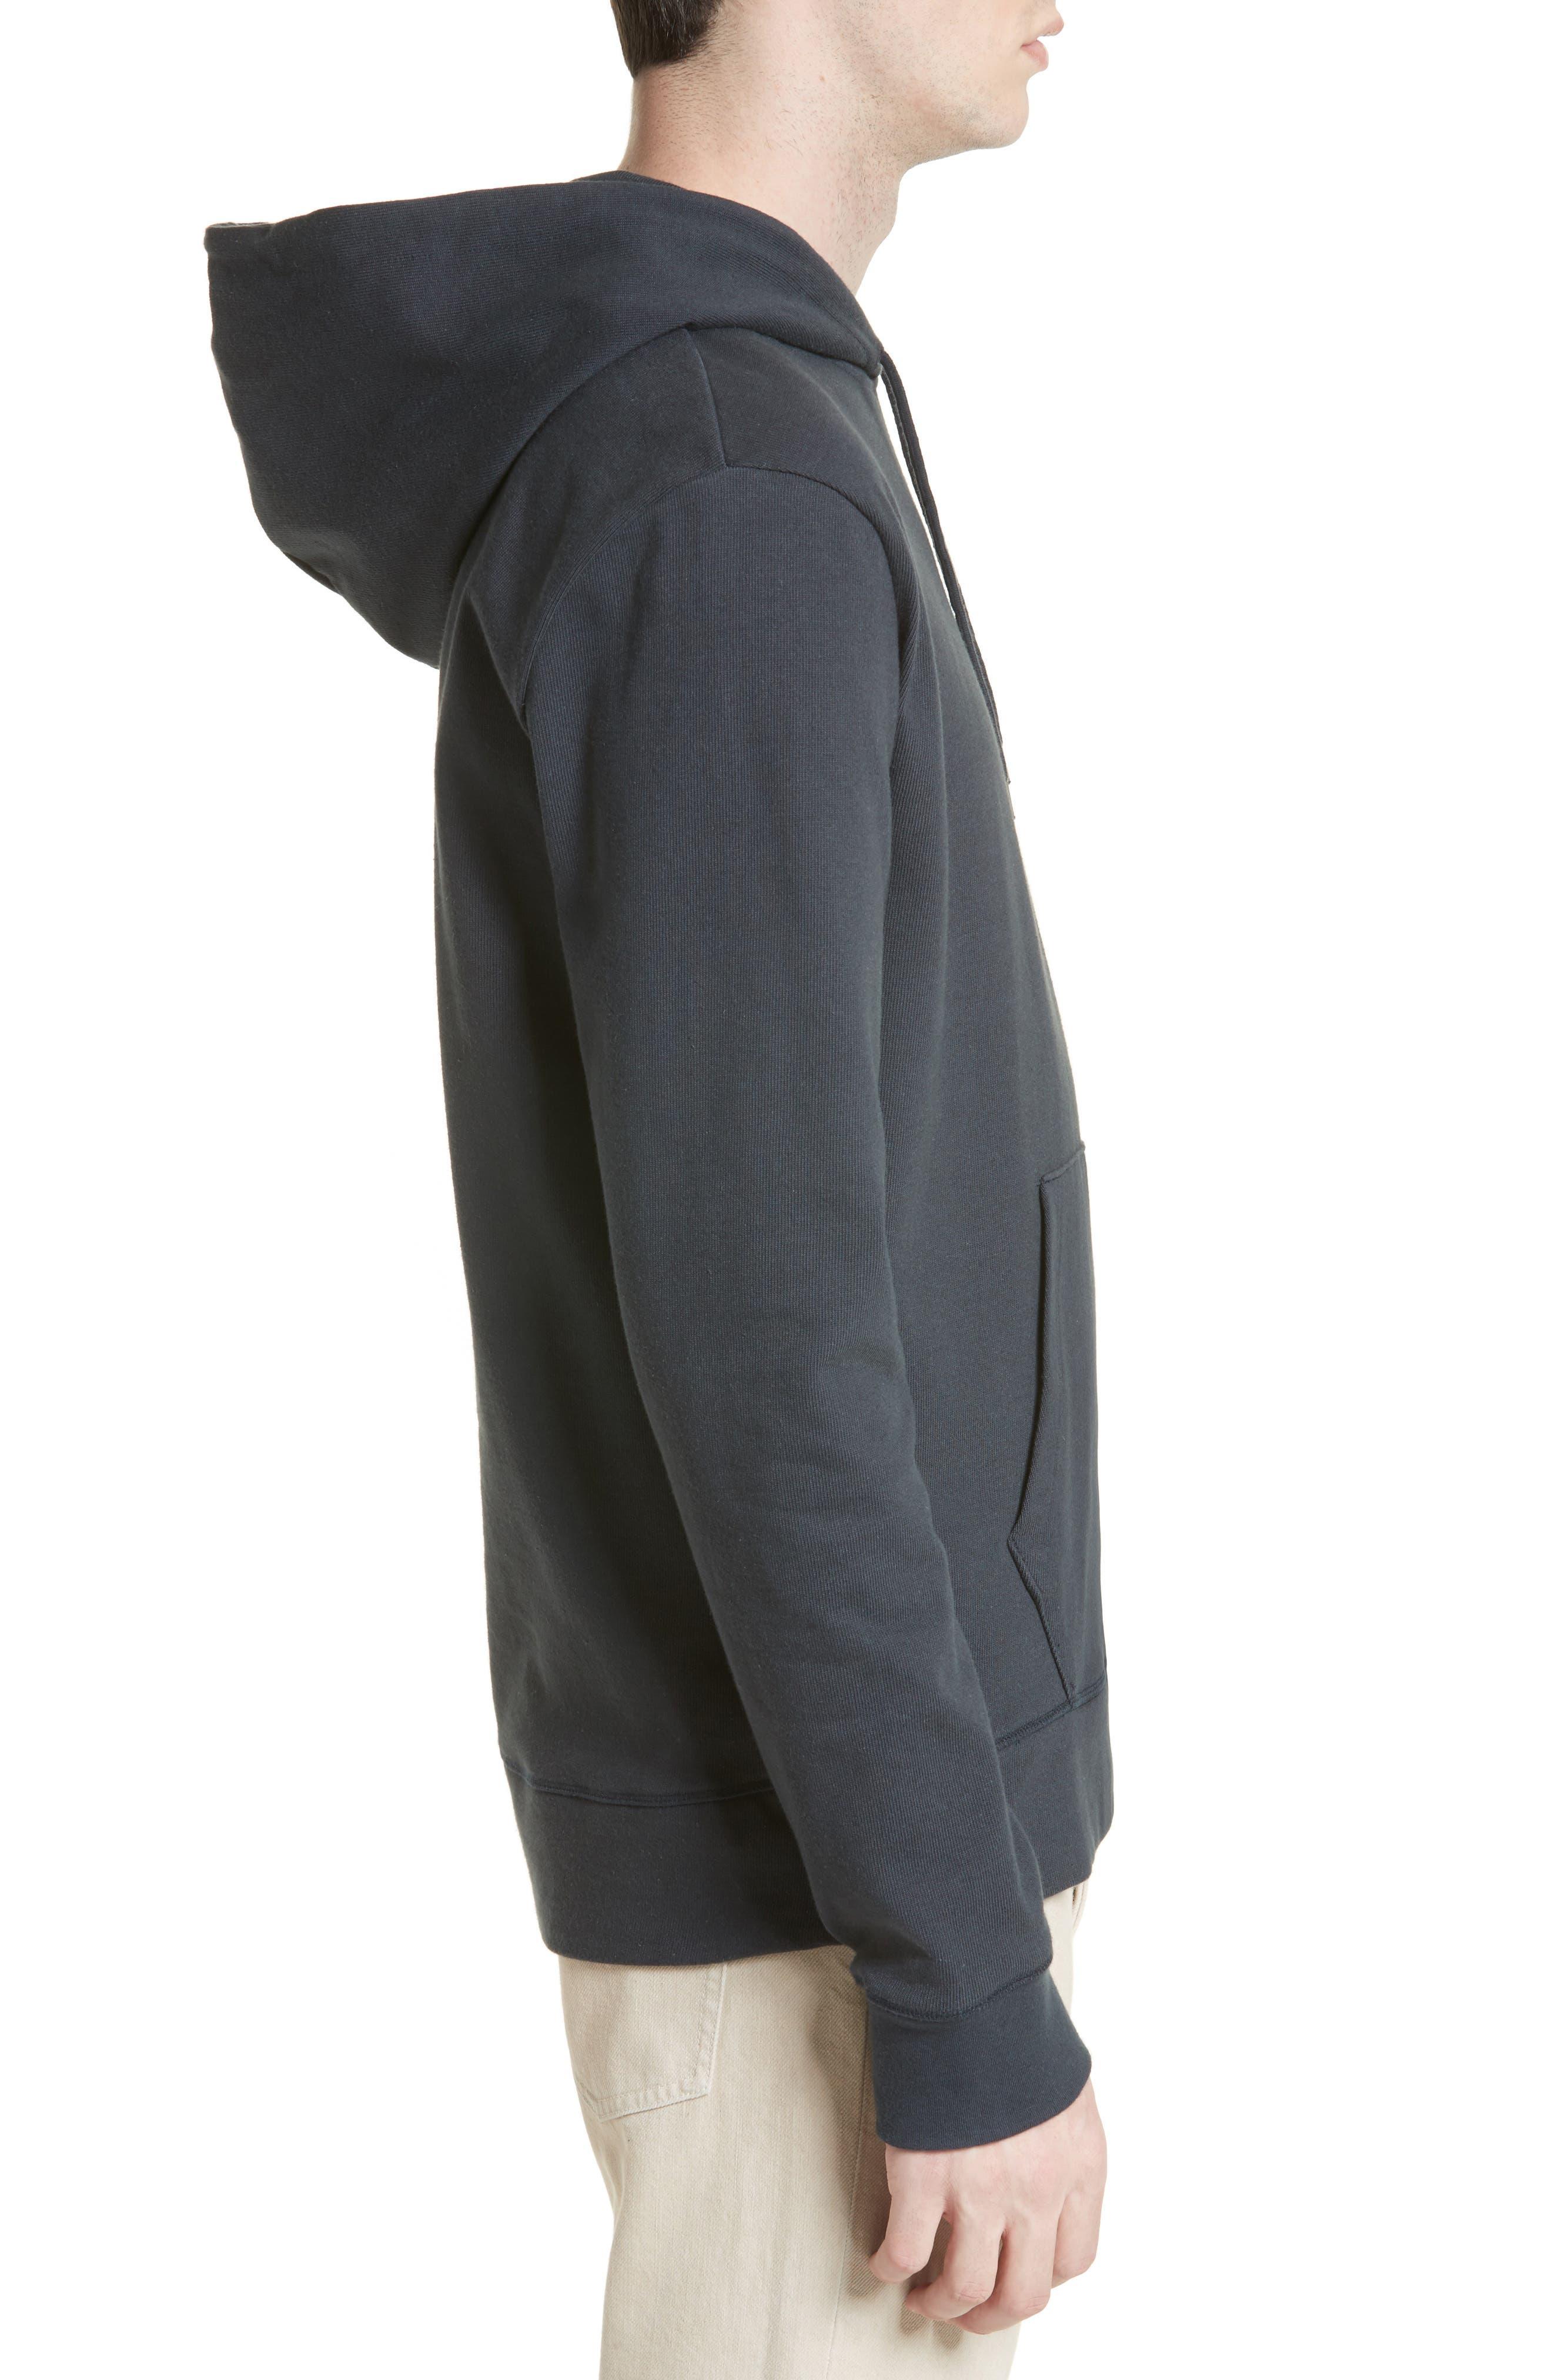 Brody Hooded Sweatshirt,                             Alternate thumbnail 3, color,                             Grey